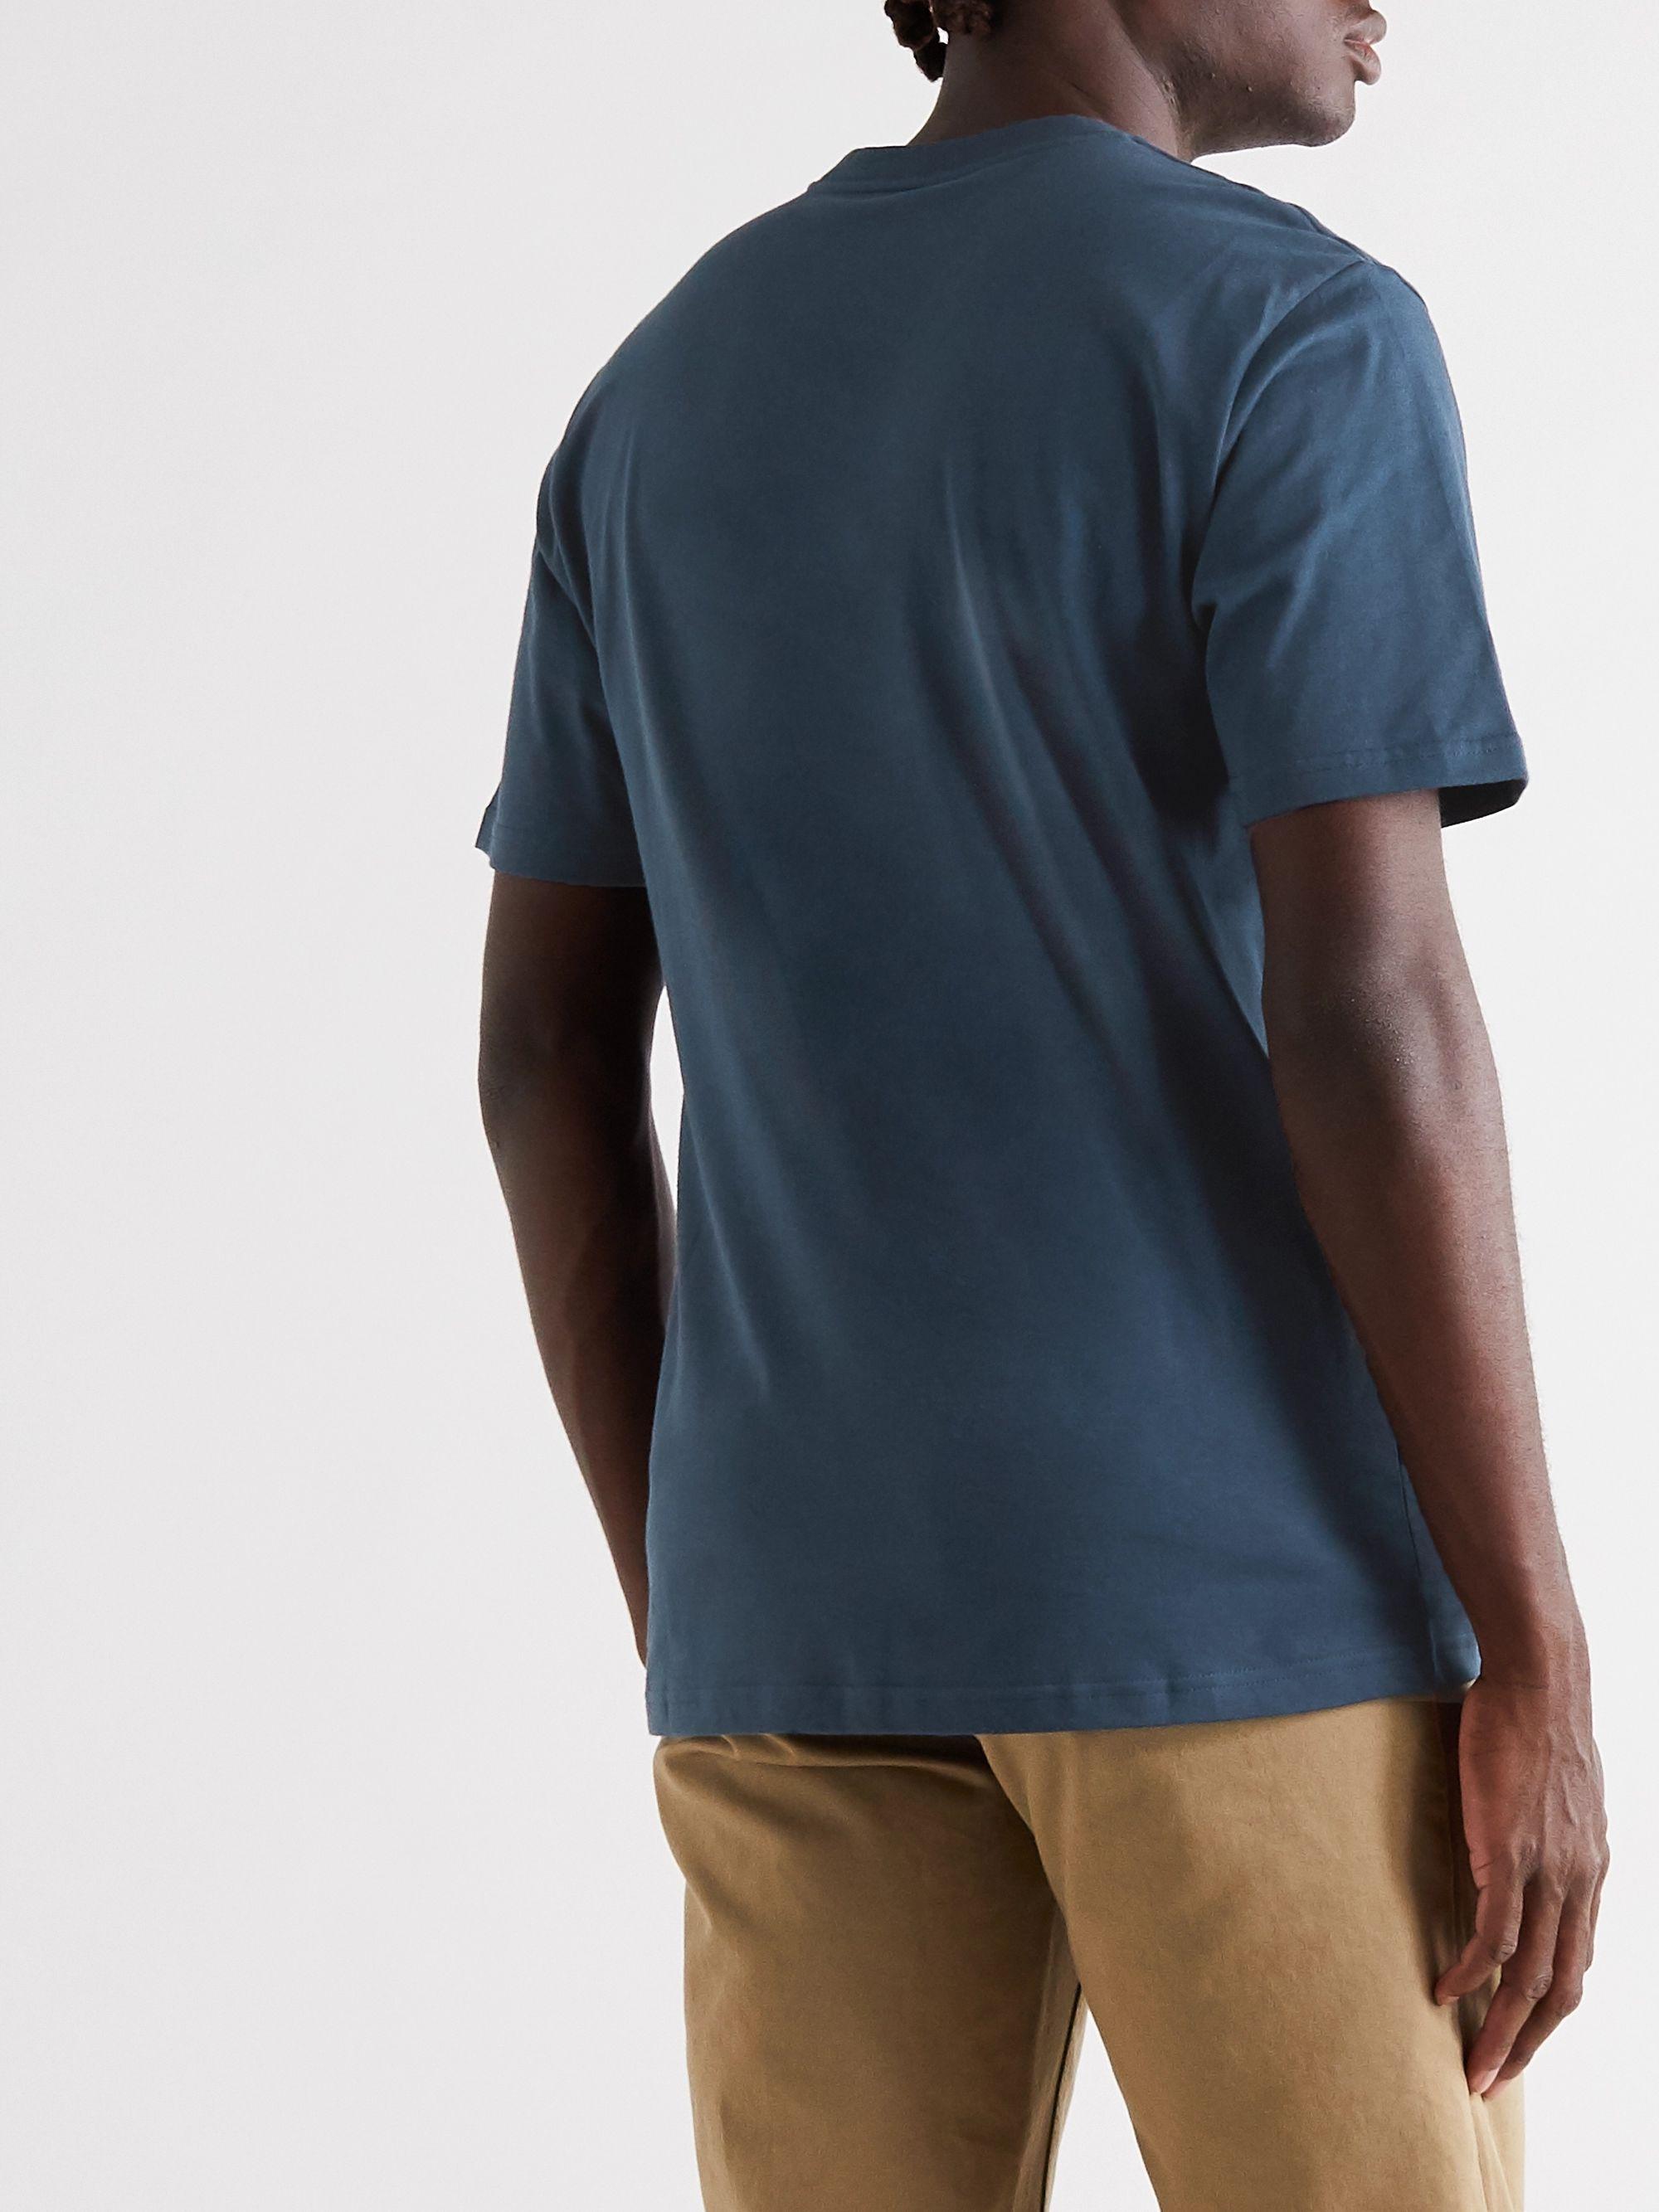 Blue Logo-print Cotton-jersey T-shirt | Carhartt Wip